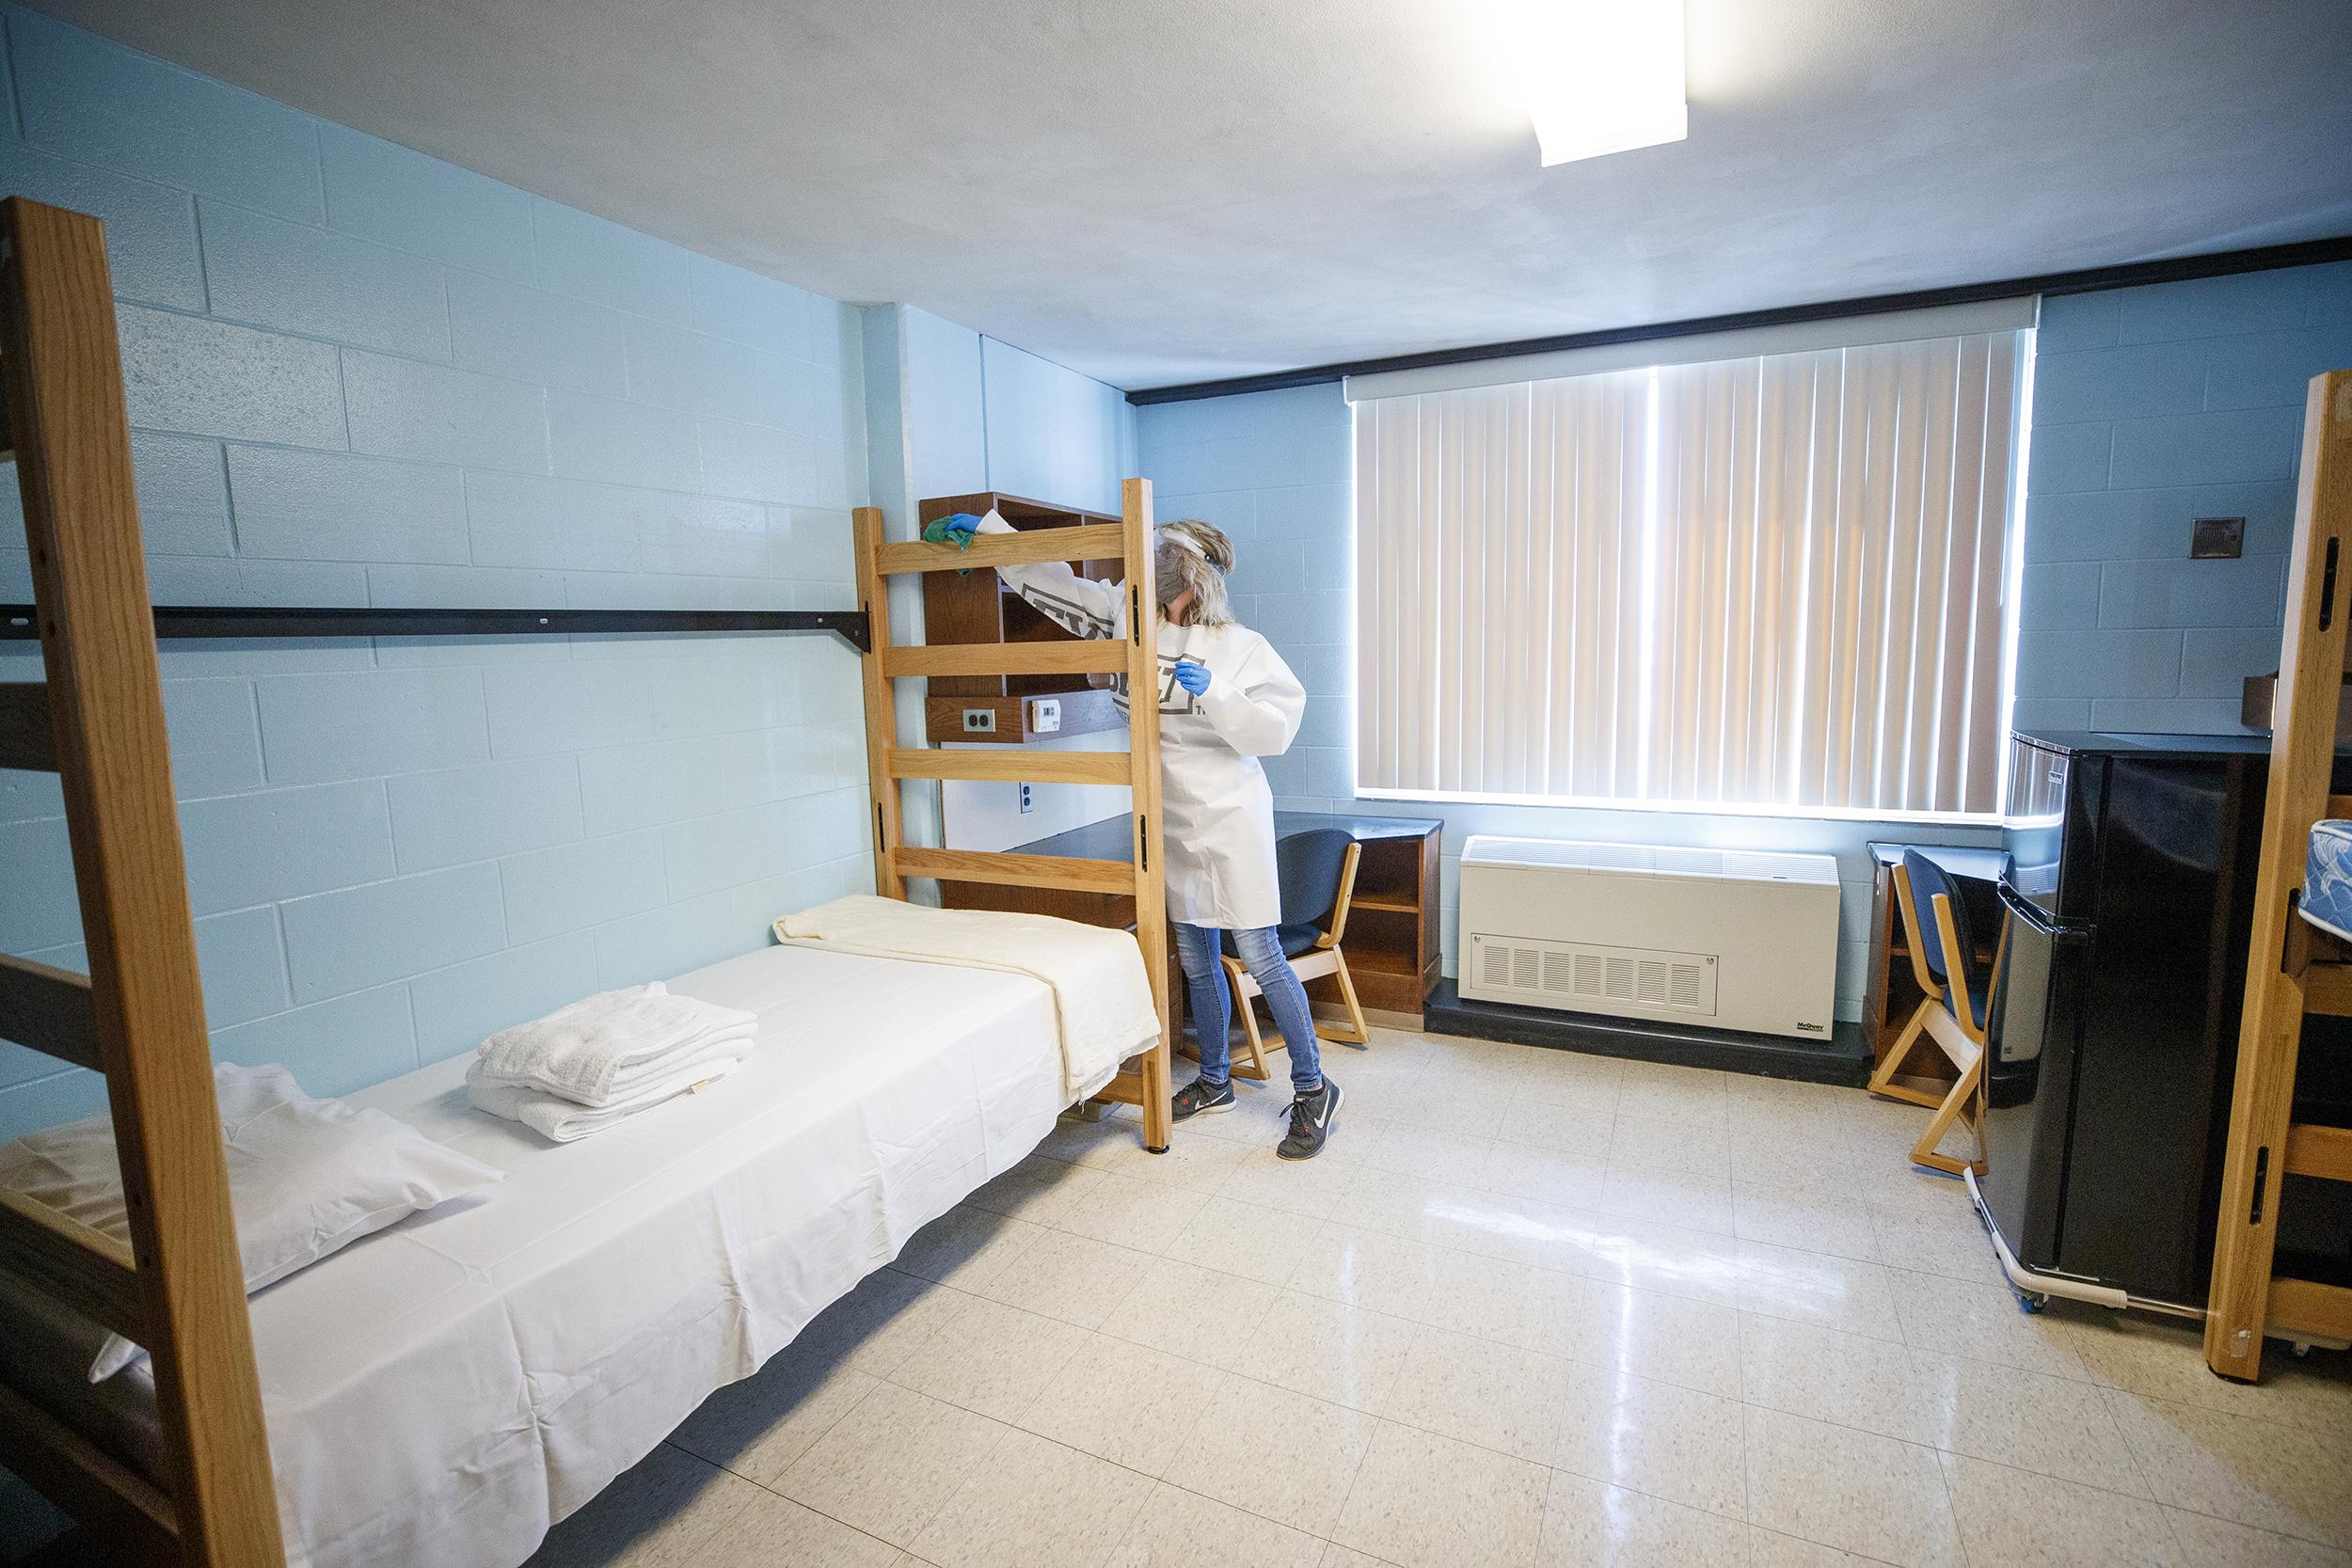 University prepared to provide quarantine space for community   Nebraska  Today   University of Nebraska–Lincoln